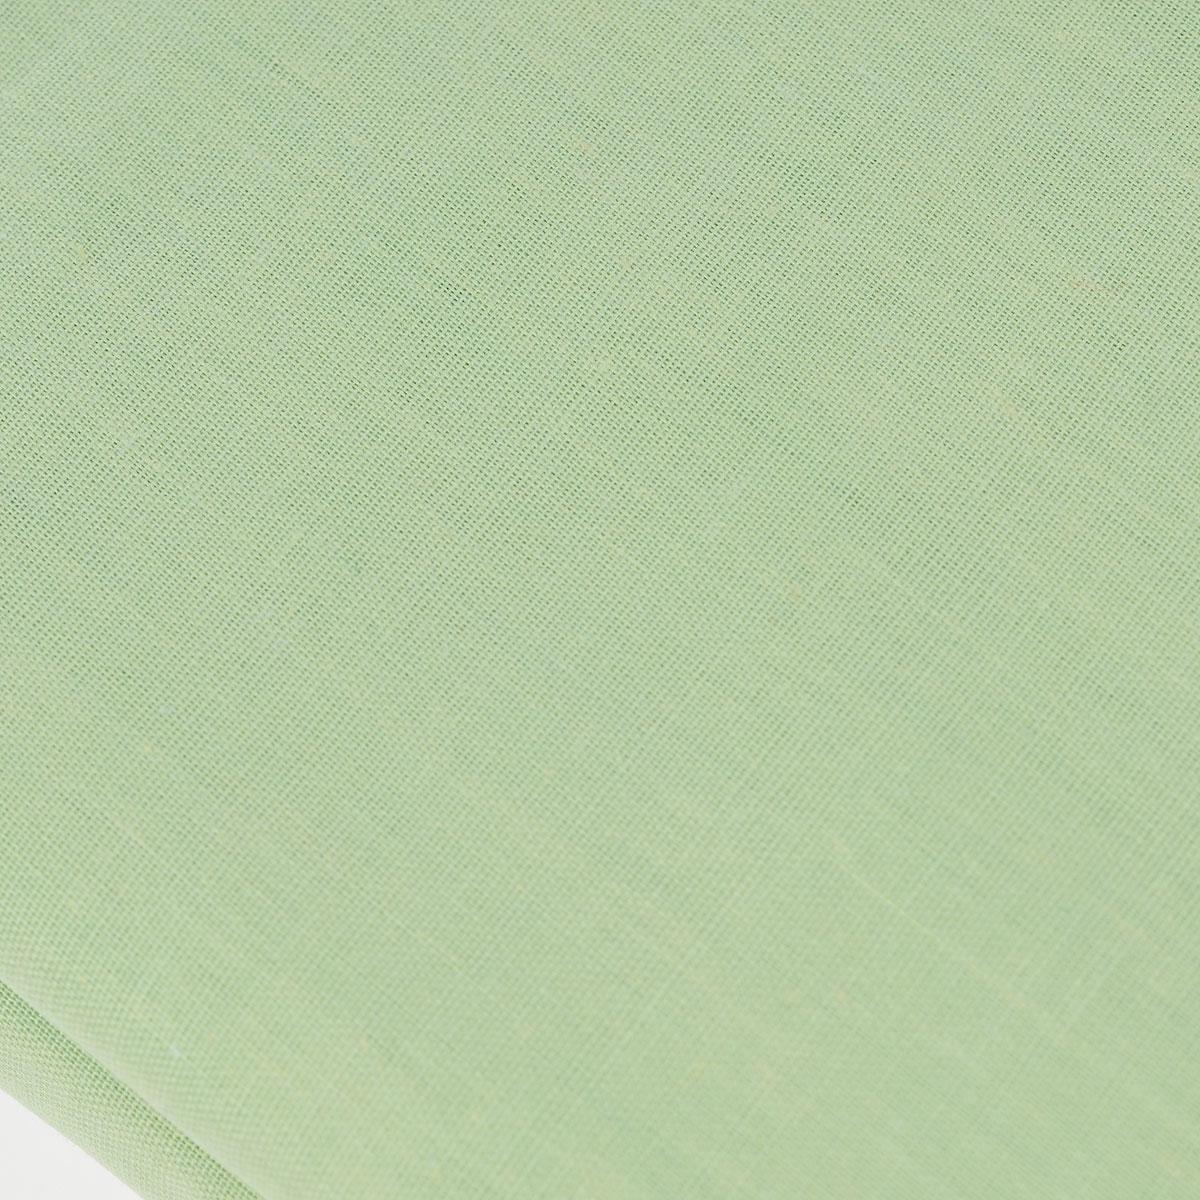 """Простыня на резинке """"Style"""", цвет: зеленый, 180 см х 200 см. 114911407"""